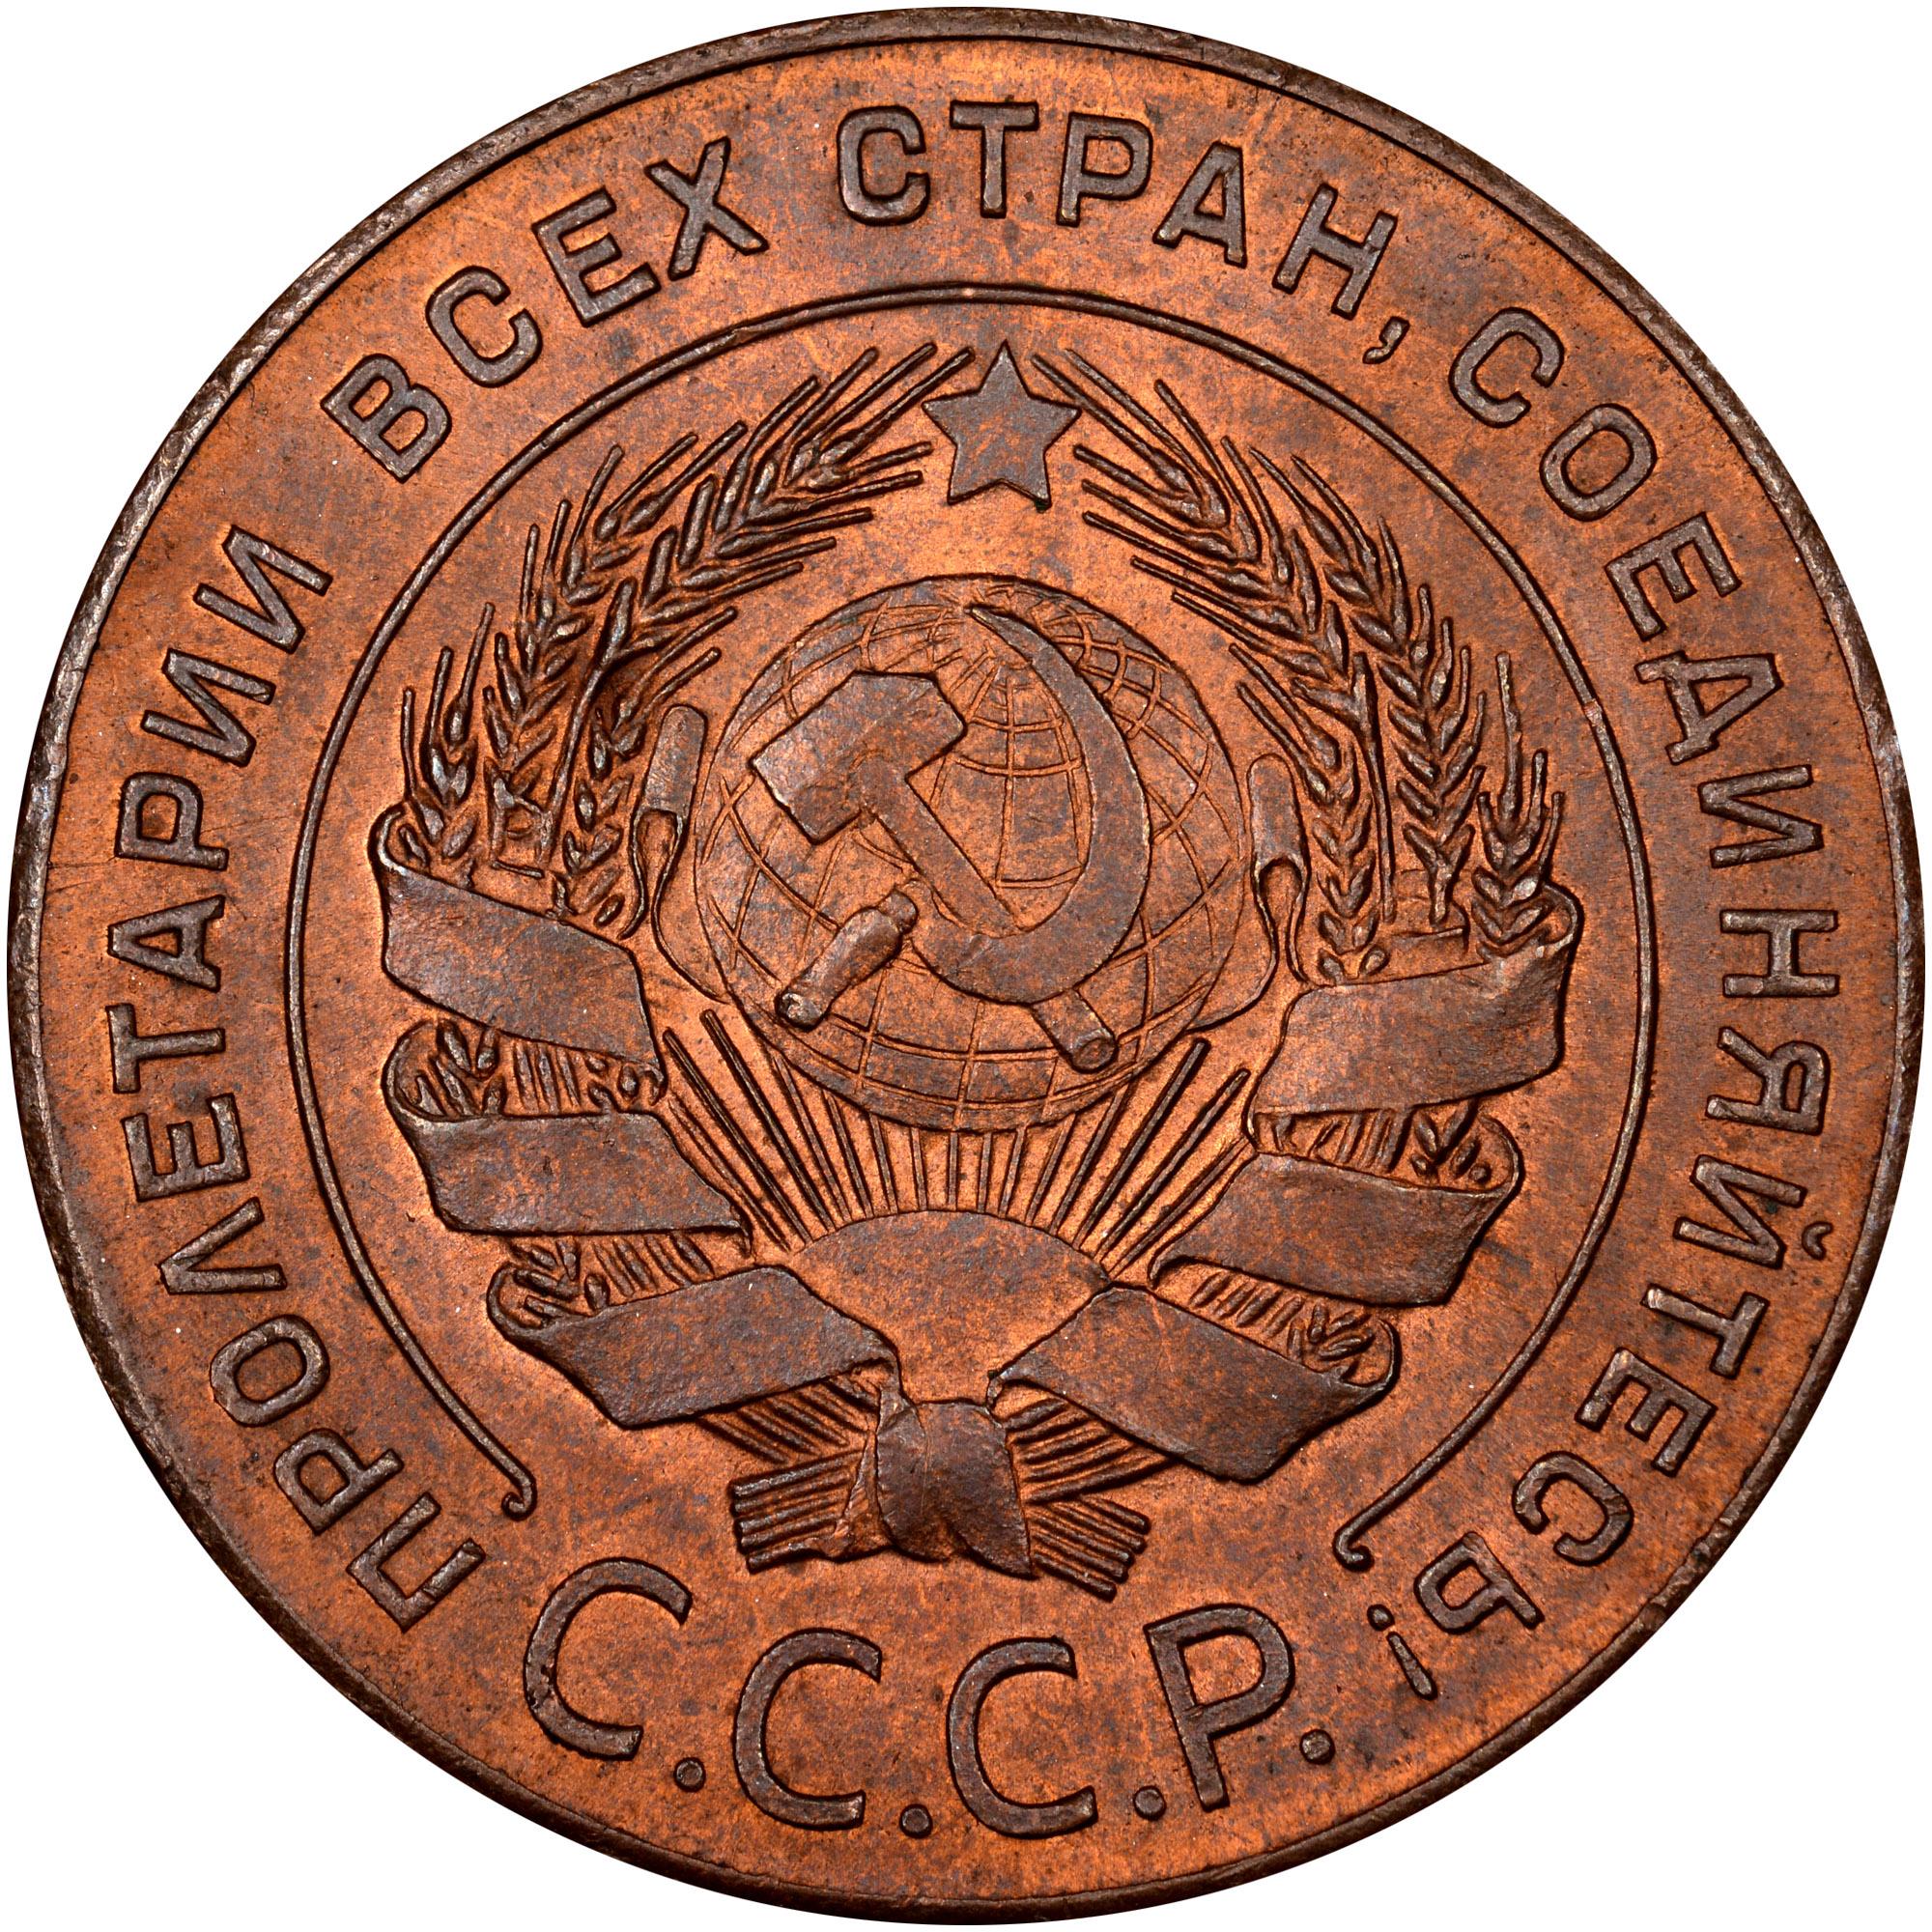 Russia 5 Kopeks obverse